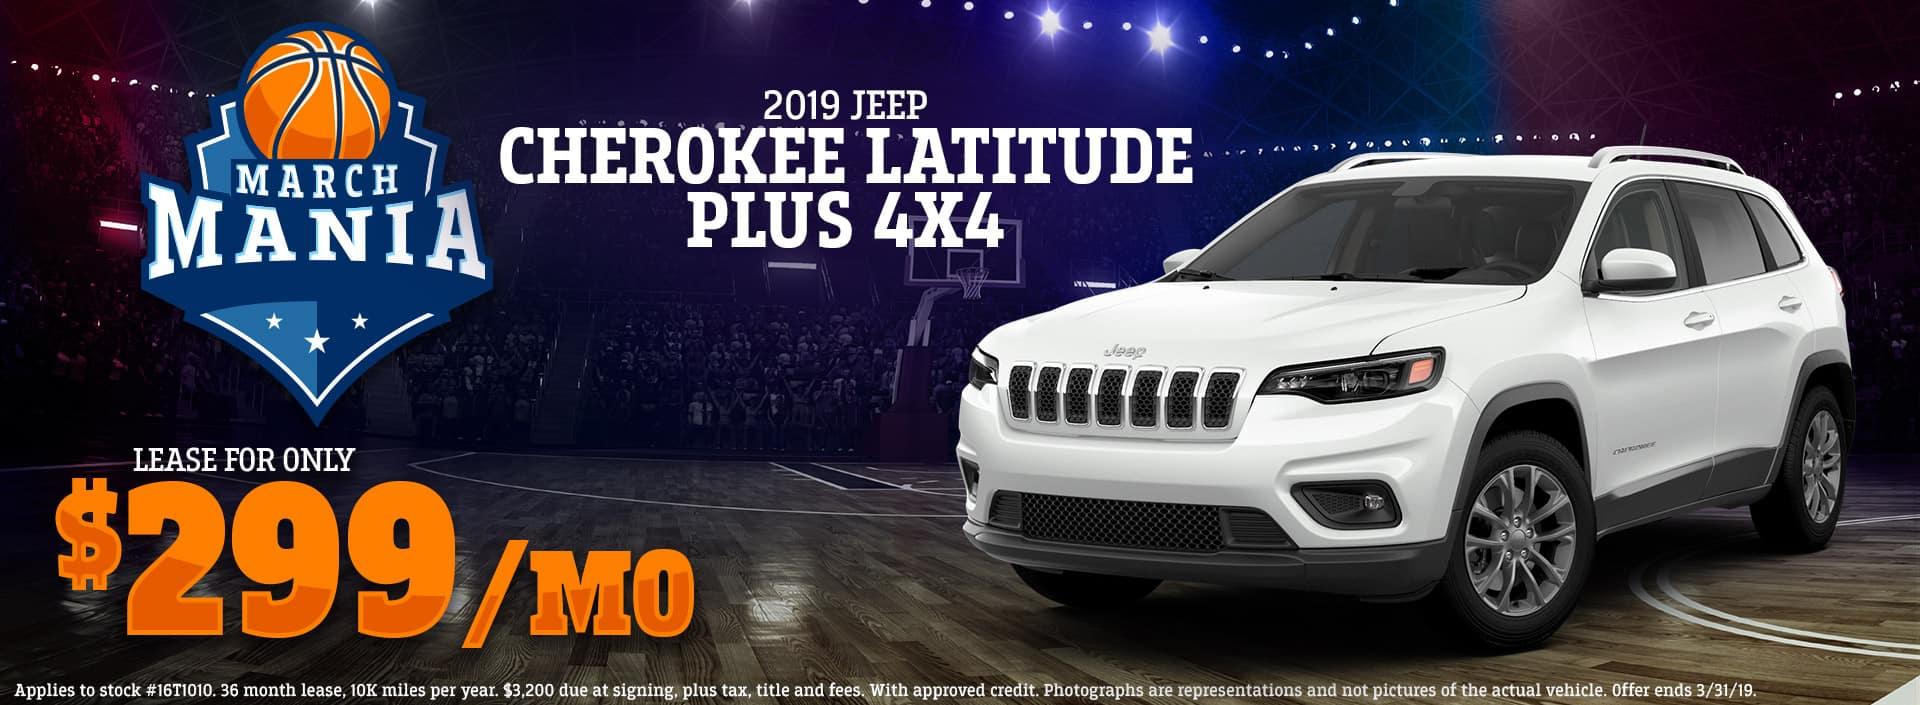 3.19 - 2019 Jeep Cherokee Latitude Plus 4x4